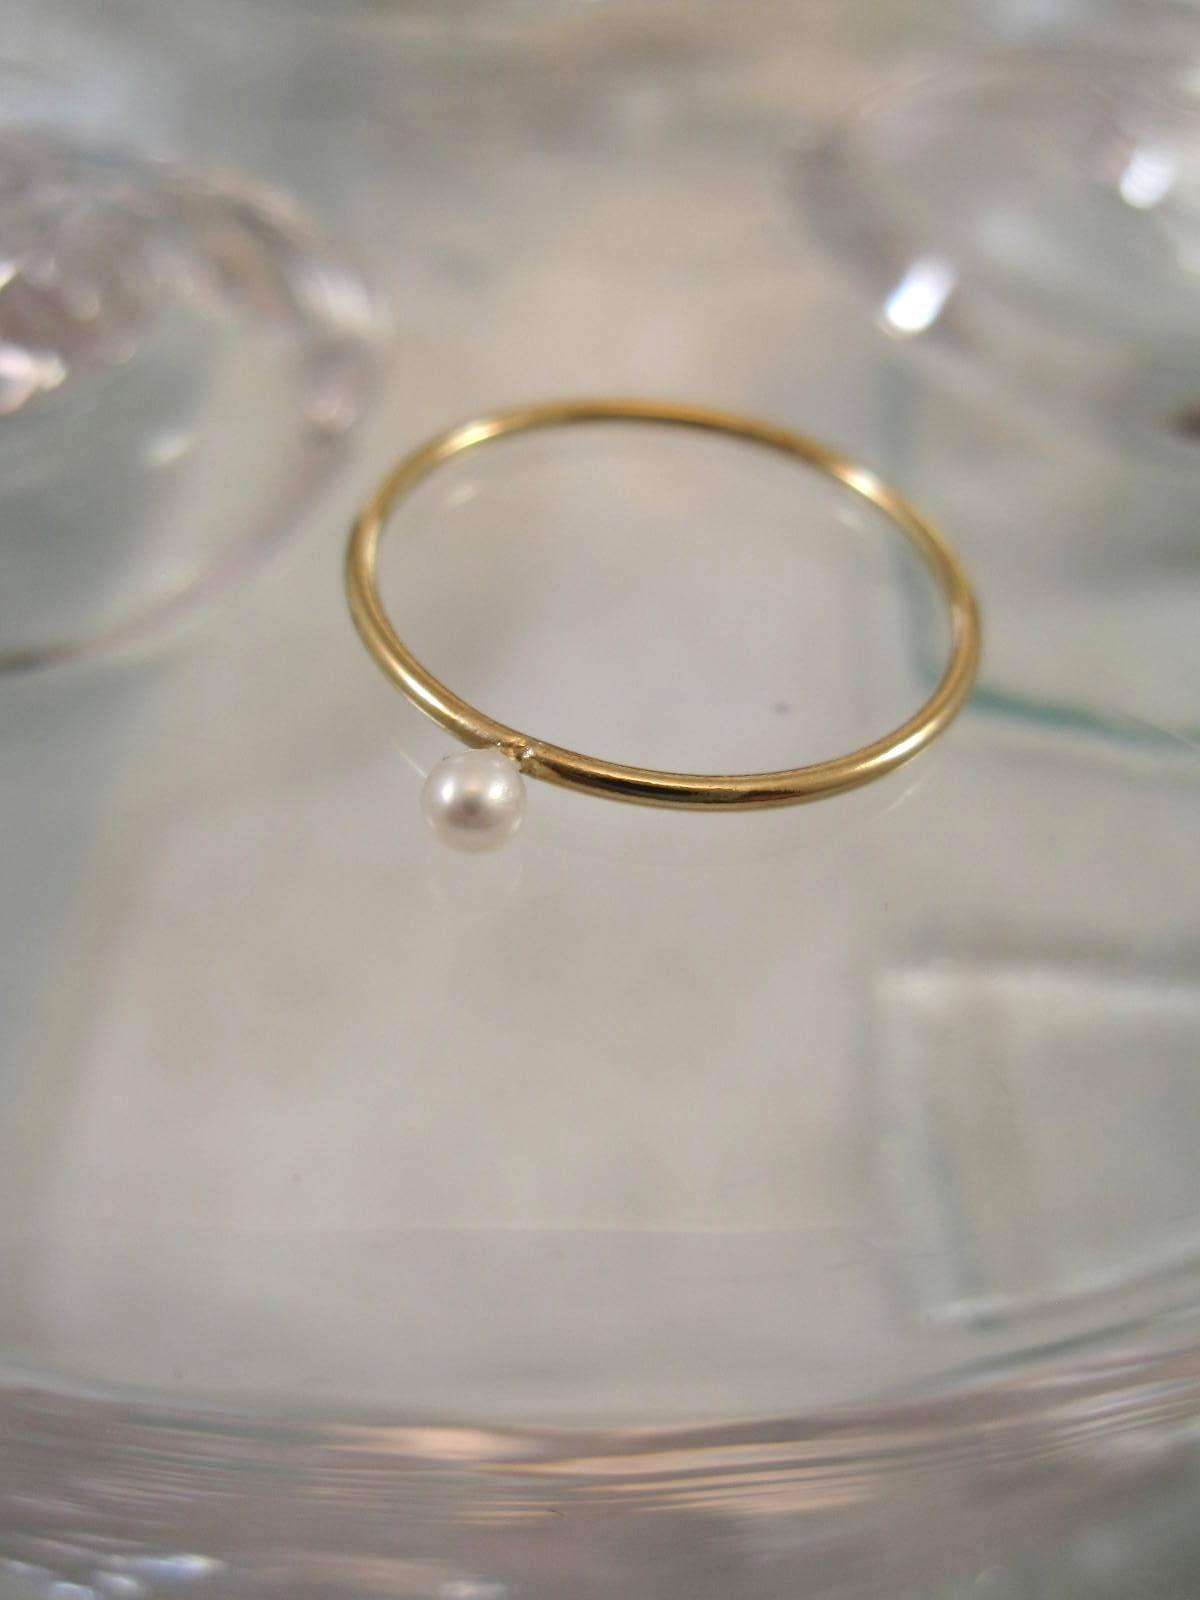 Guldring med Sötvattenspärla - Stapelbar